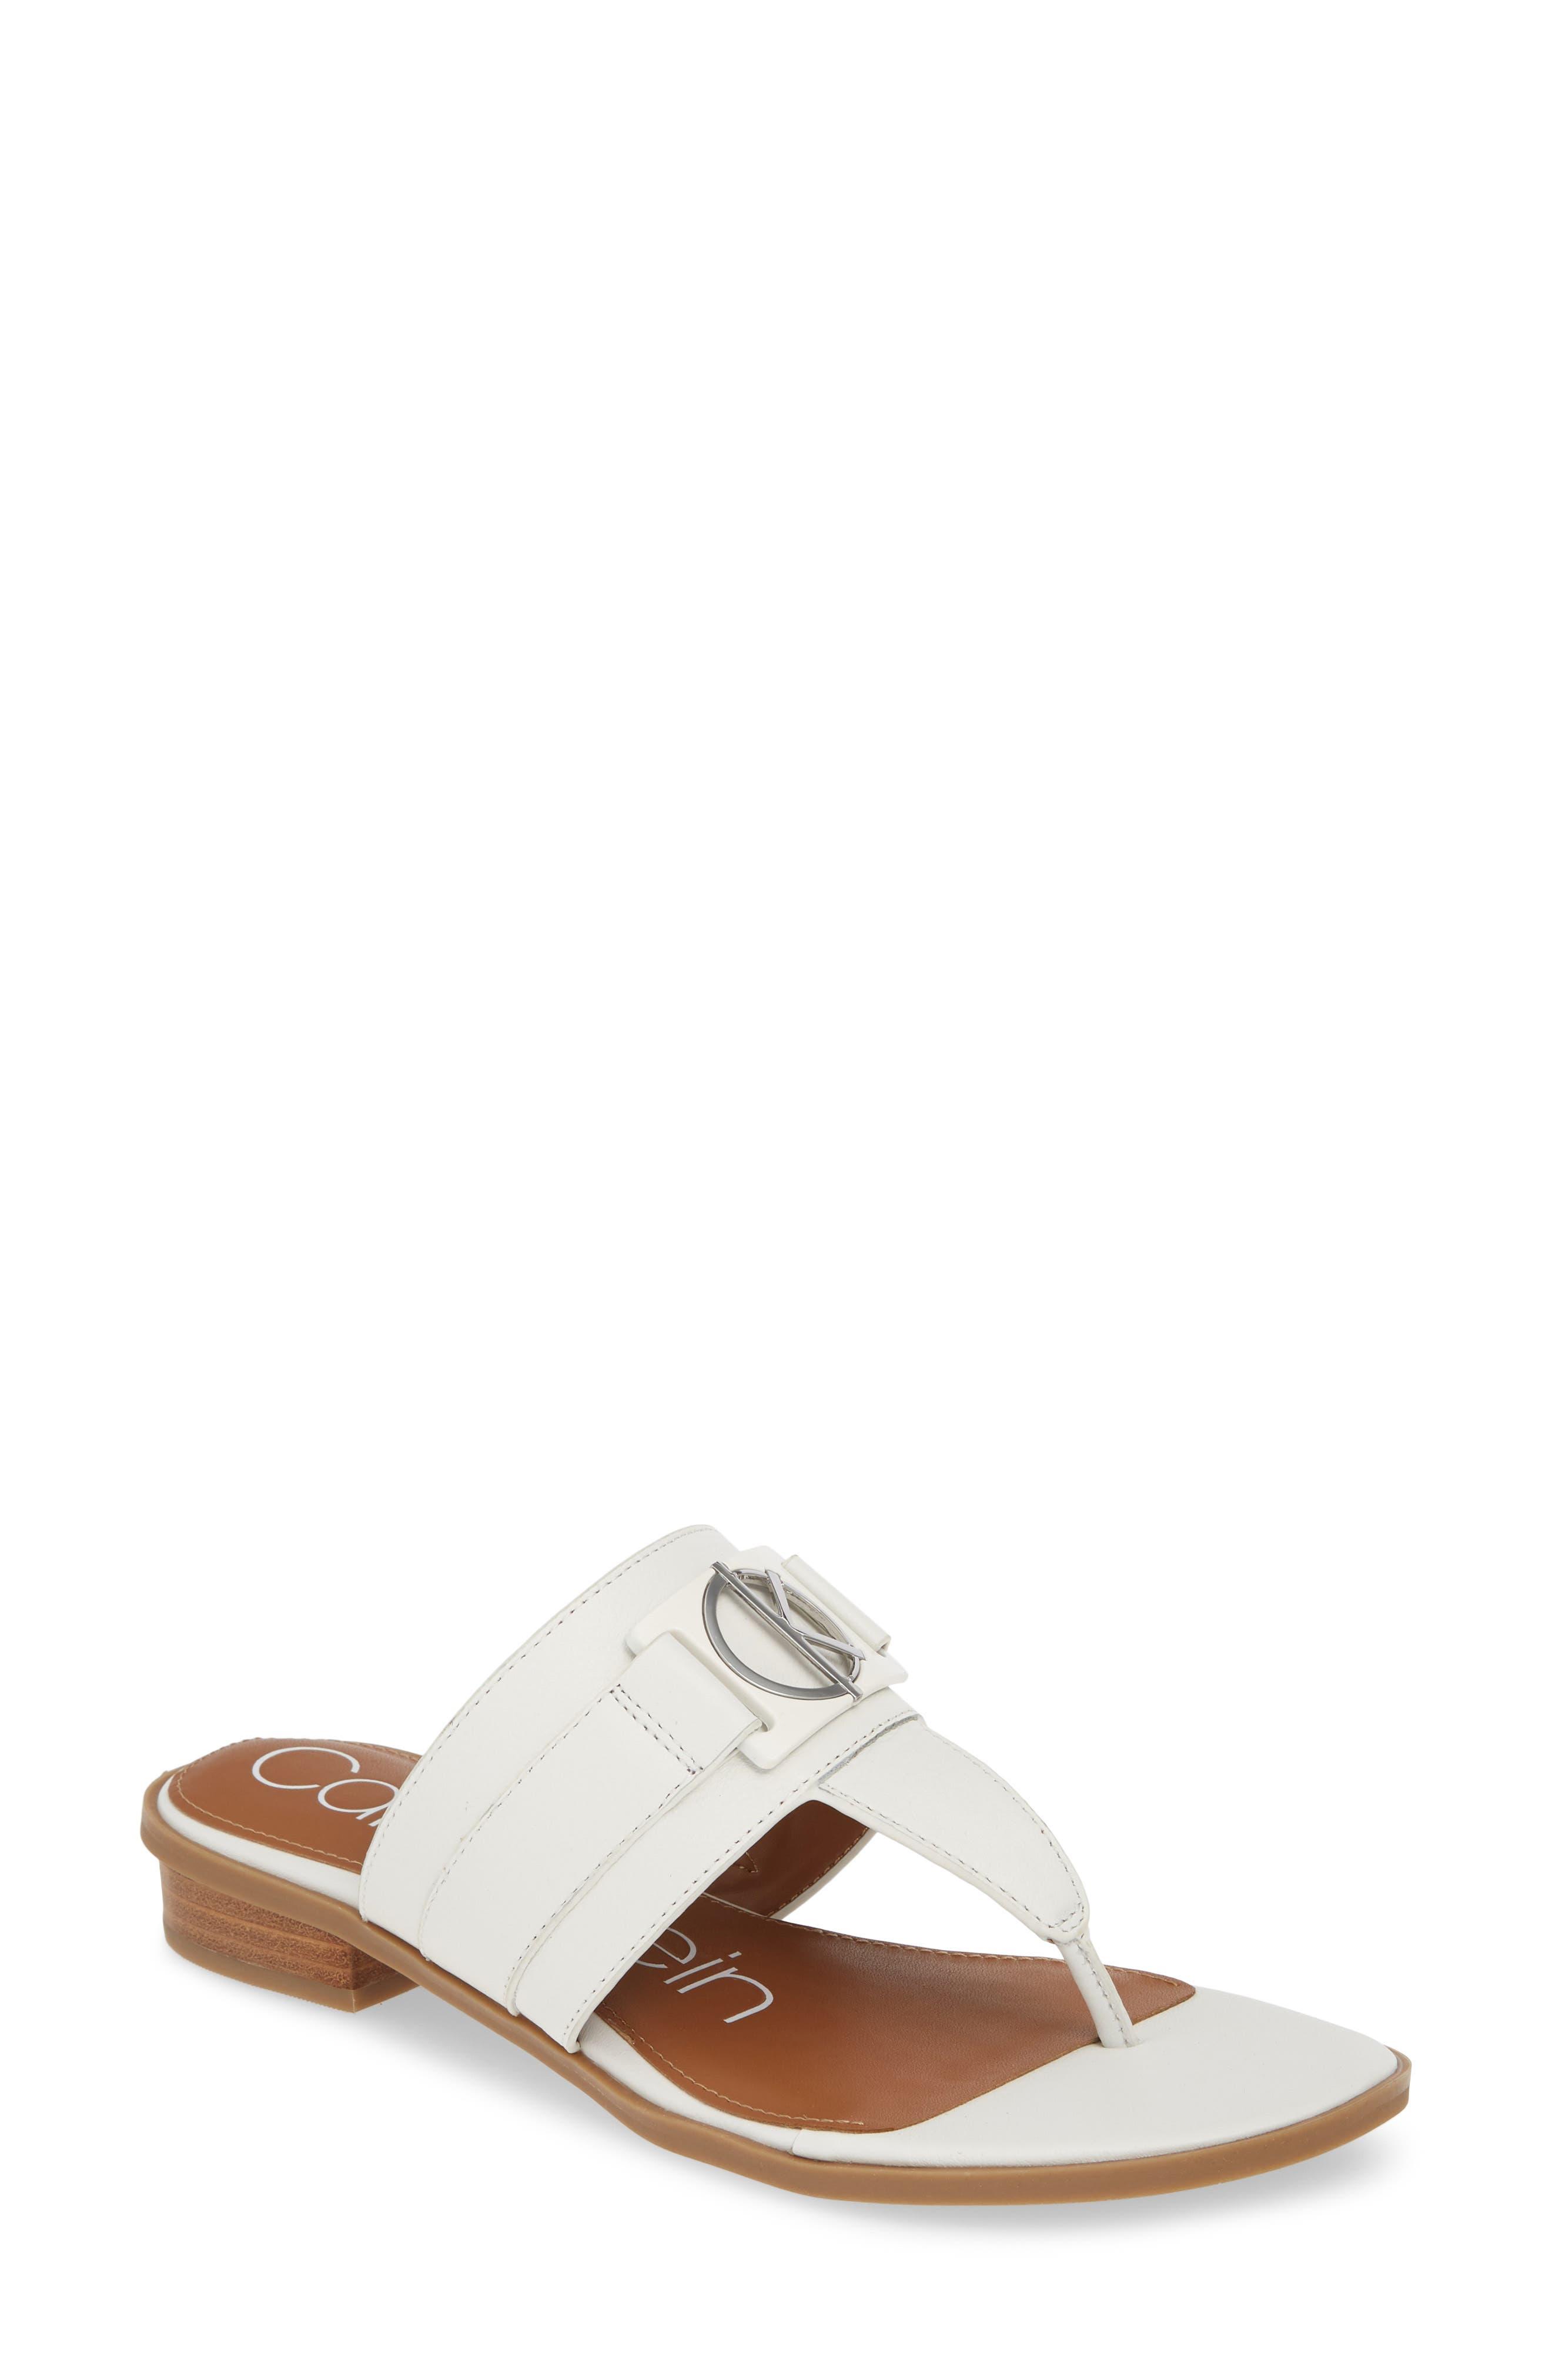 Calvin Klein Farley Flip Flop, White